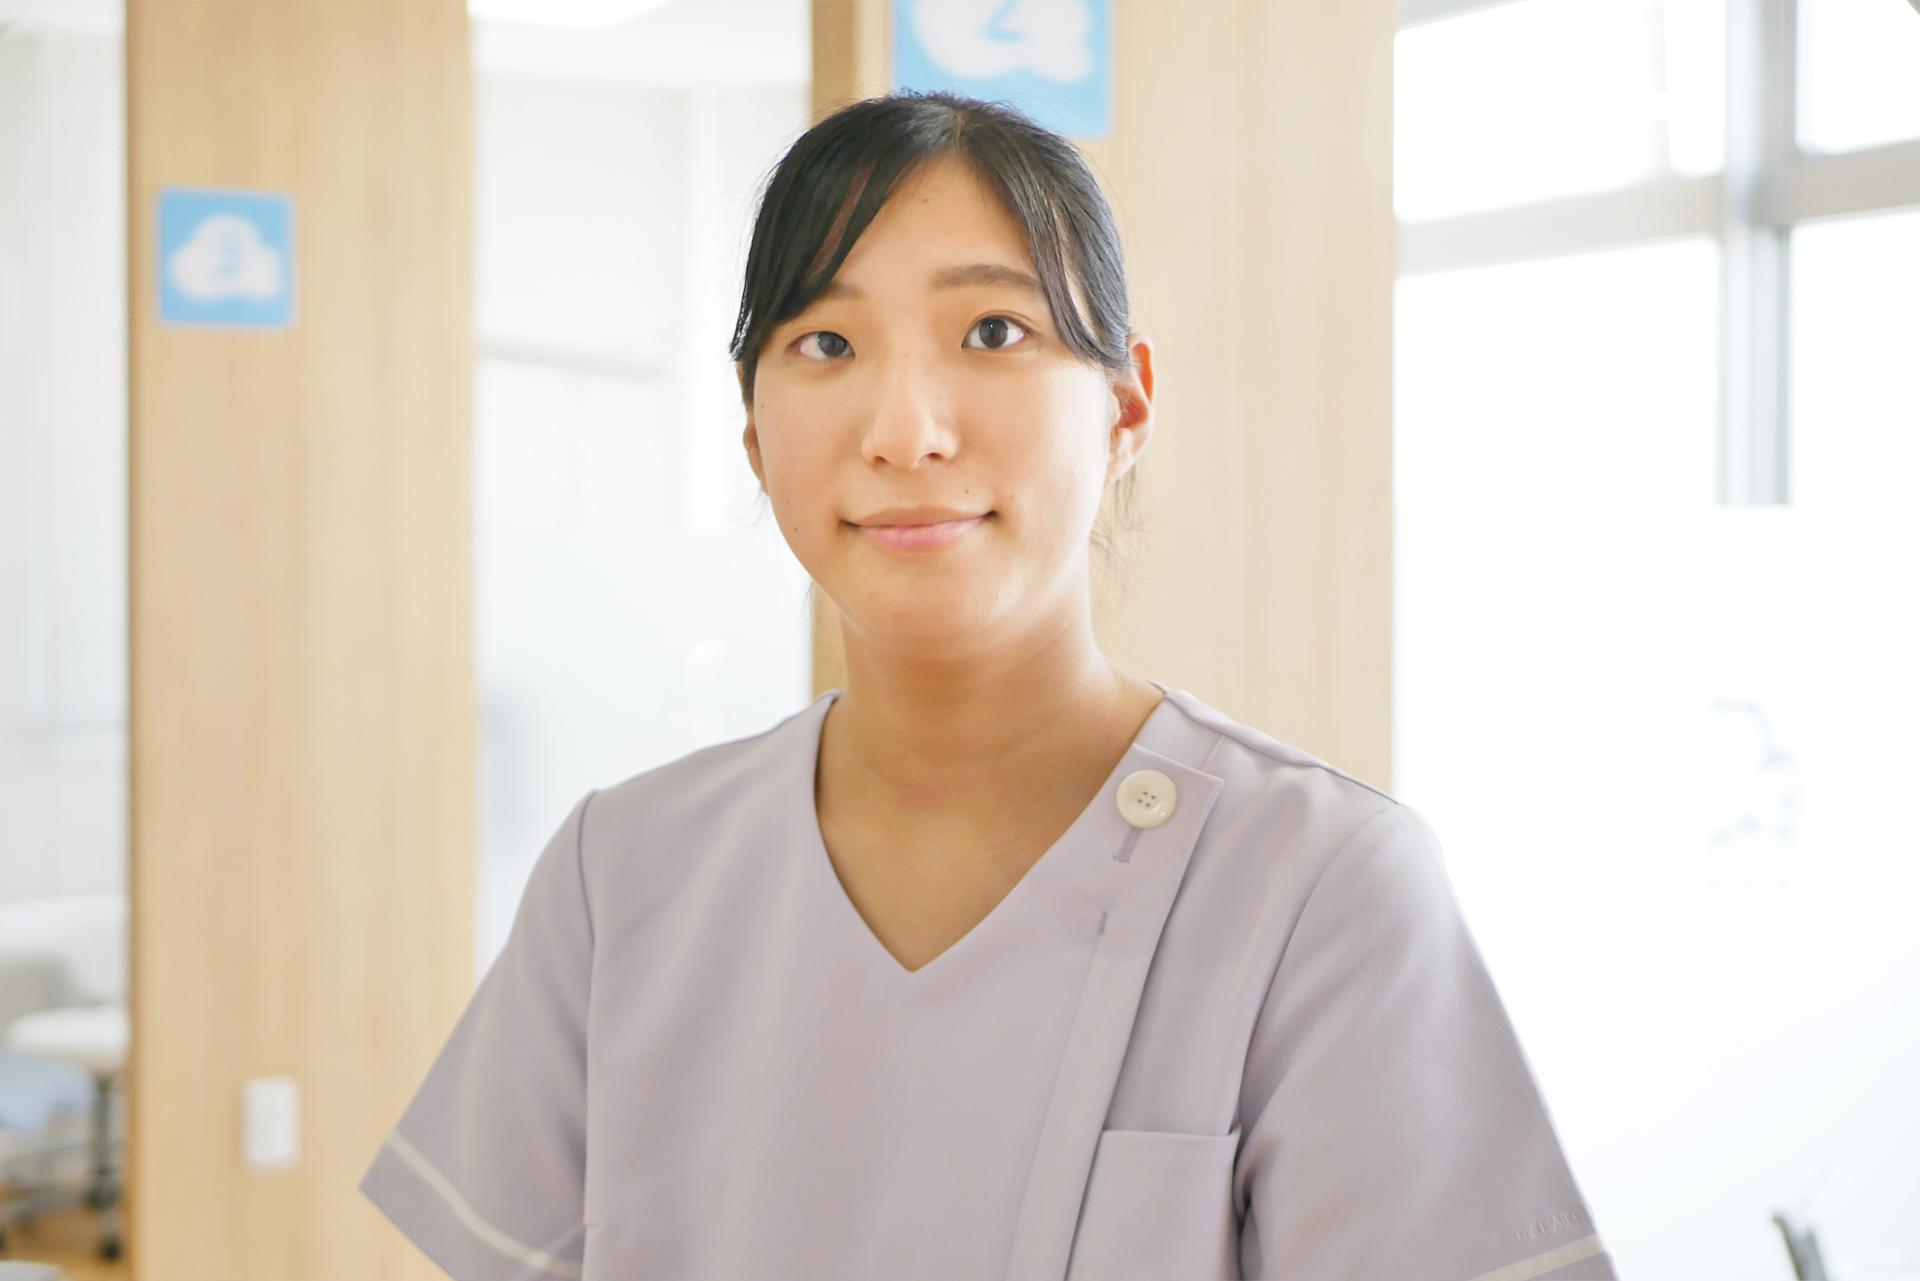 ひろ歯科クリニック 歯科衛生士<br />岡田 菜央<span>(おかだ なお)</span>